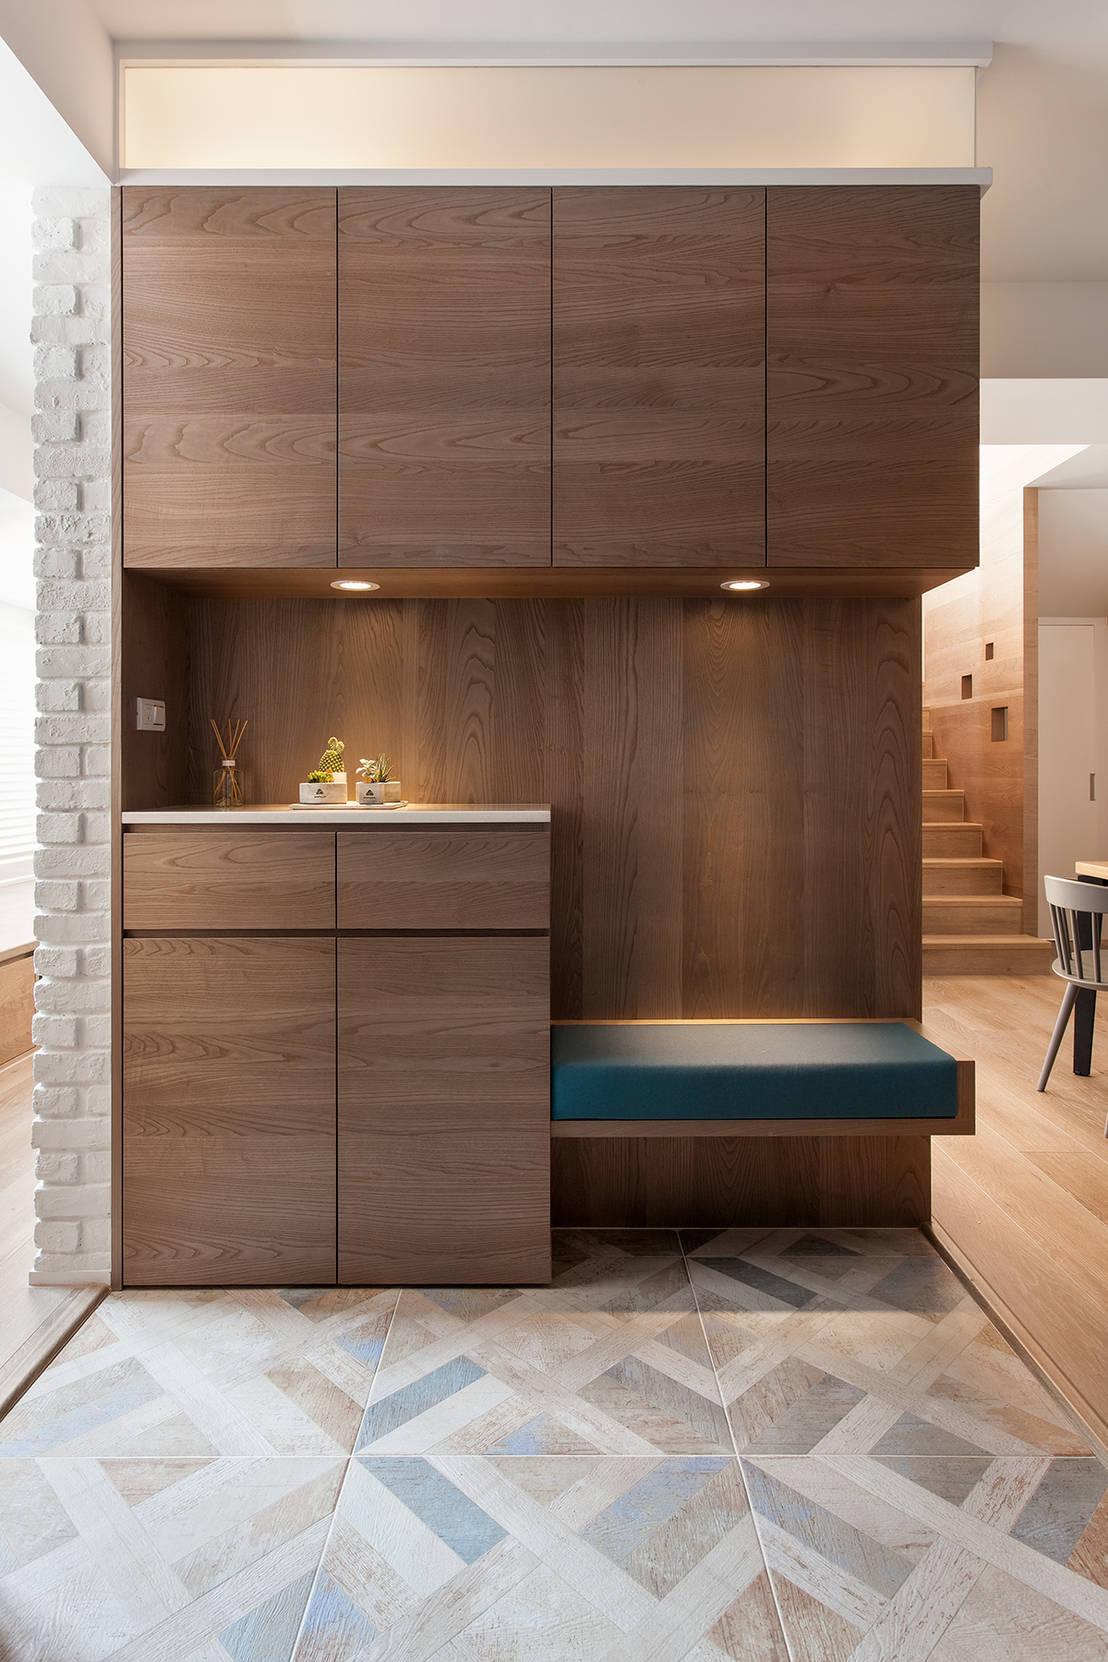 transition luminos view par her guang design homify. Black Bedroom Furniture Sets. Home Design Ideas